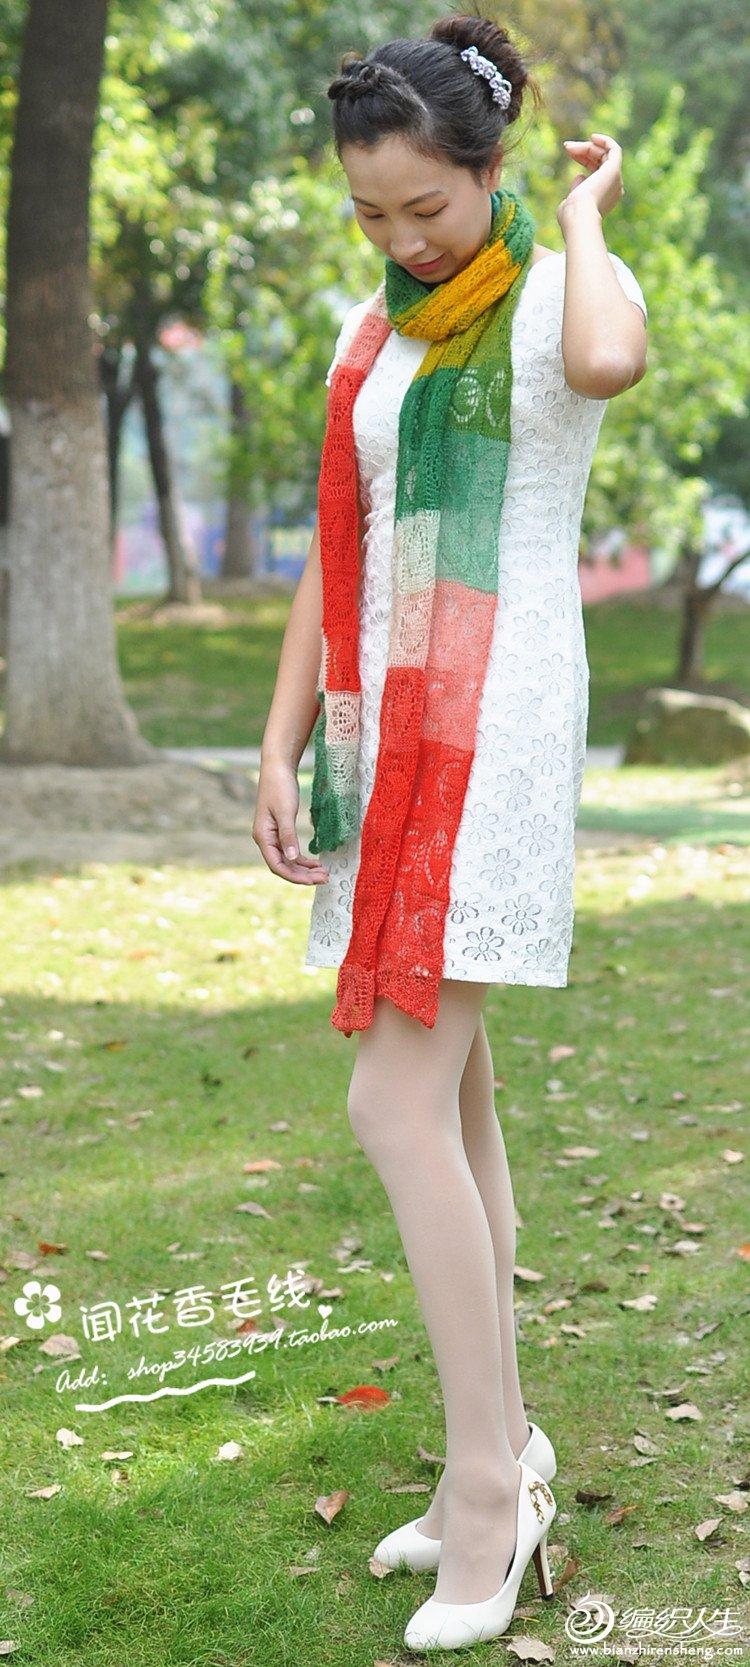 彩色棒针蕾丝镂空花围巾